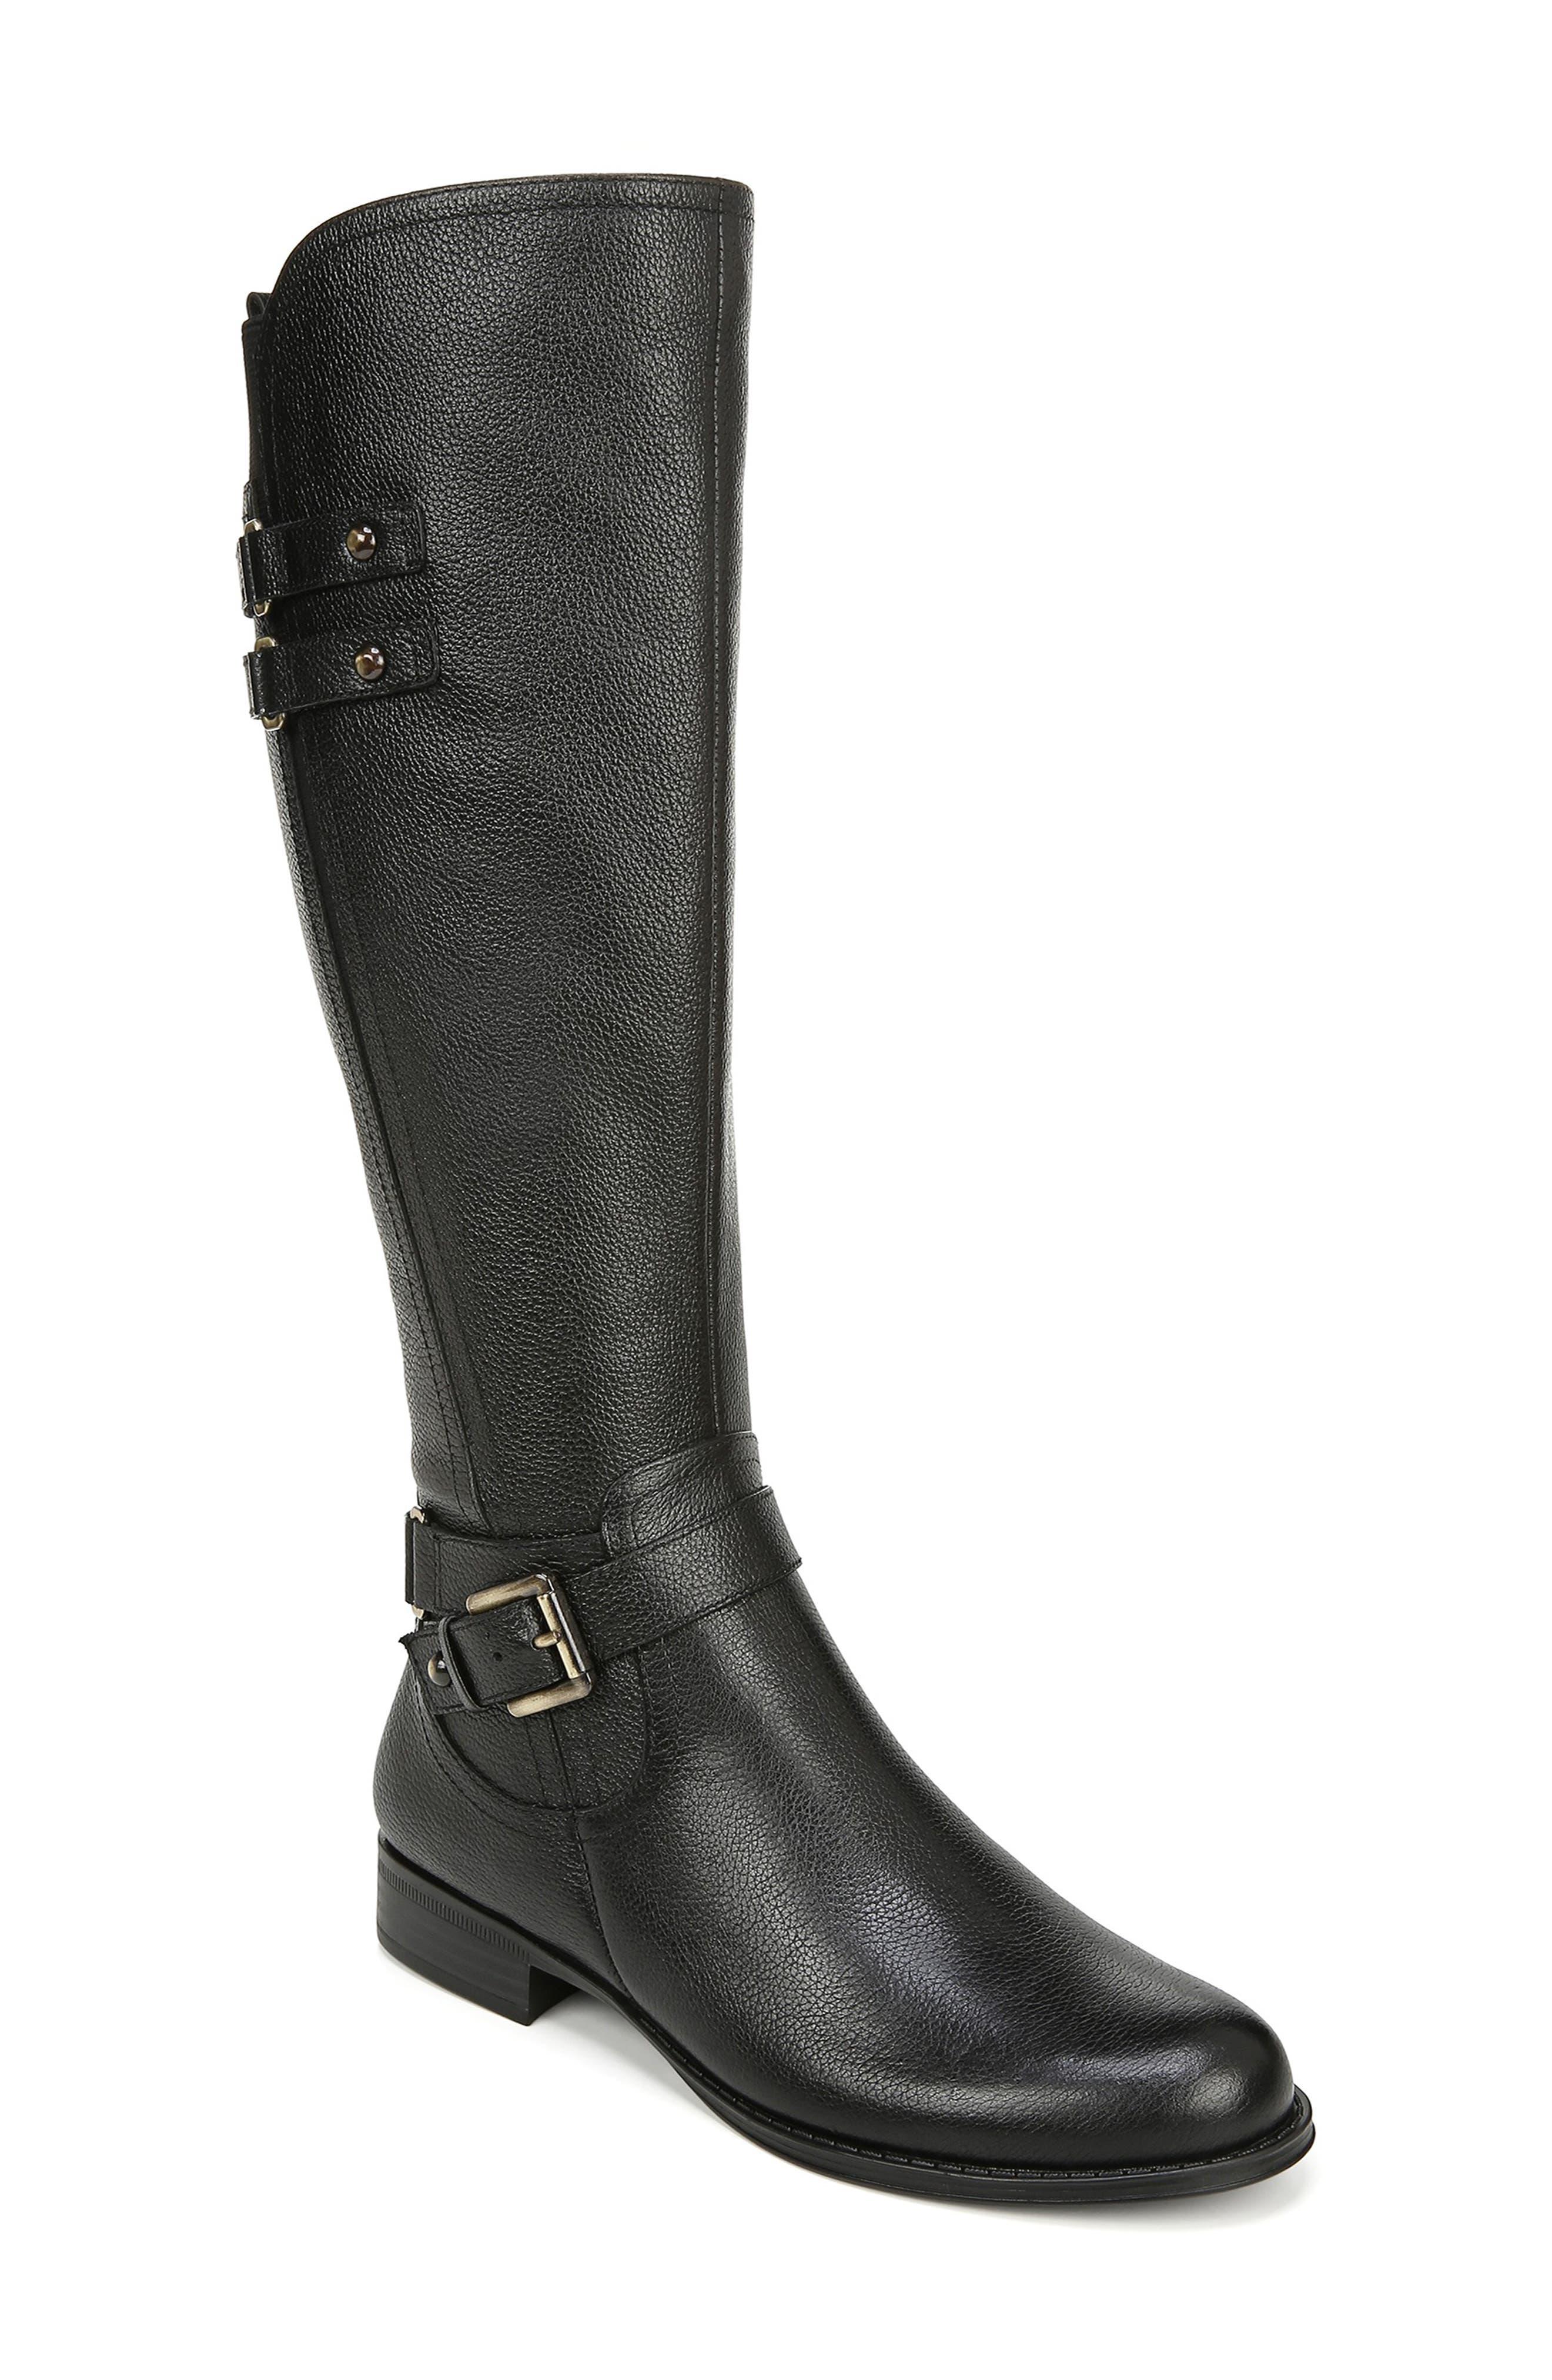 Naturalizer Jackie Tall Riding Boot, Regular Calf- Black